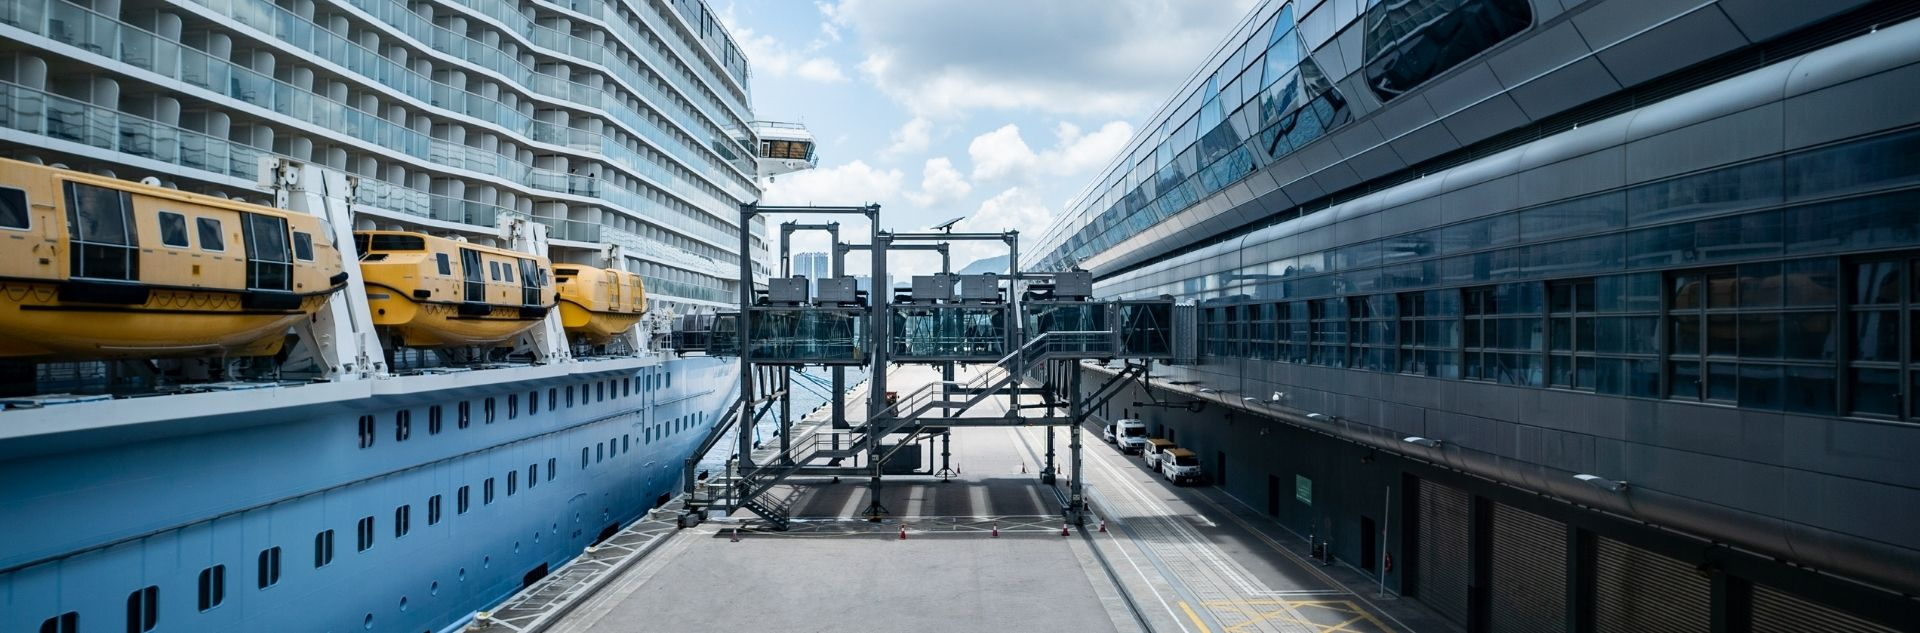 Packliste - Schiff lädt Koffer ein